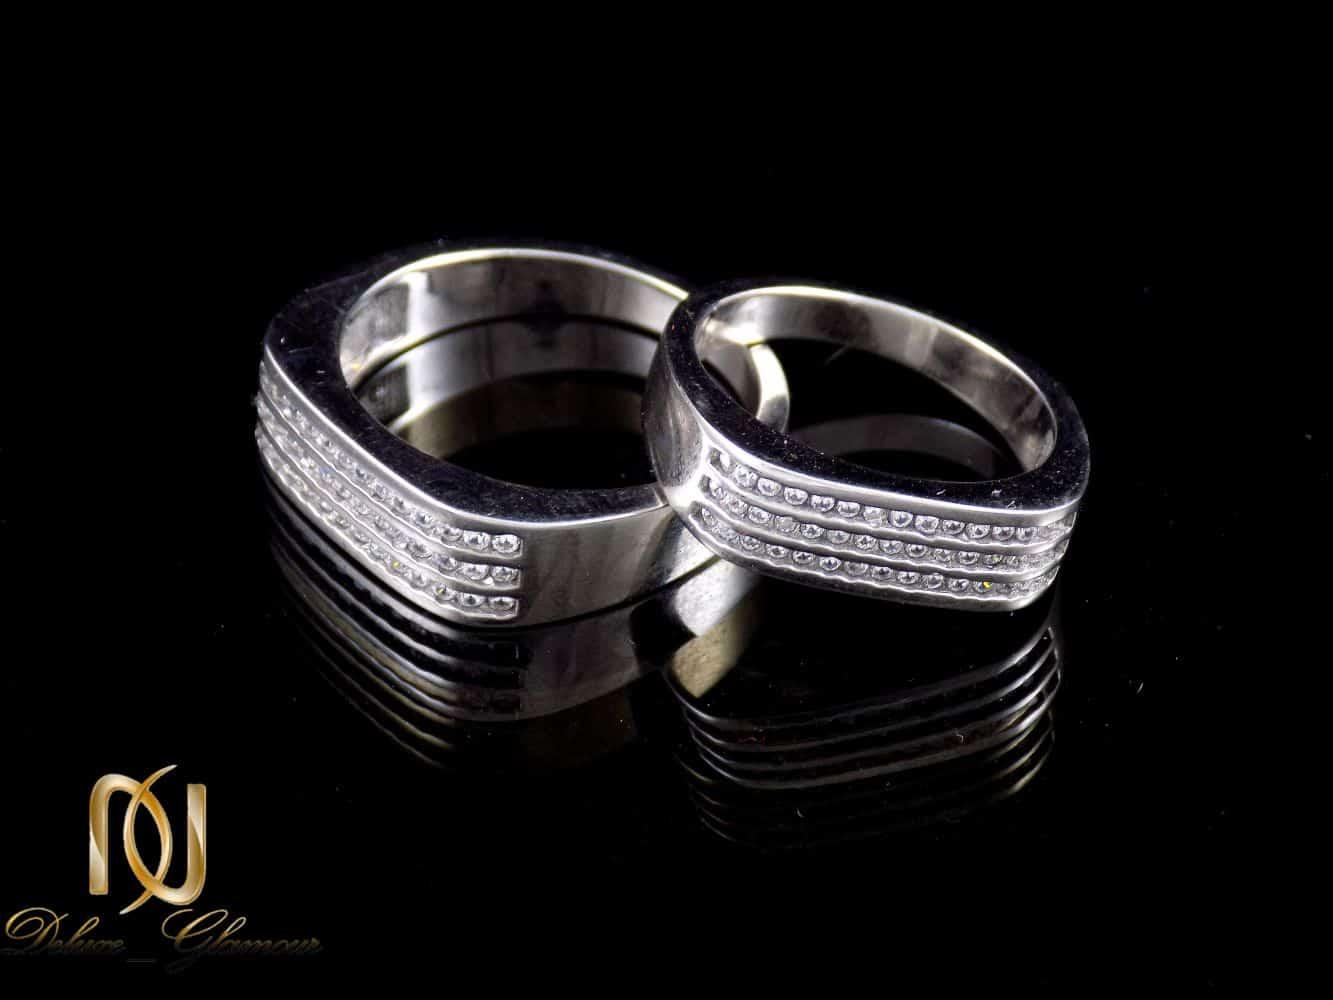 ست حلقه نقره 925 با نگین های سفید زیرکونیا dl-s113